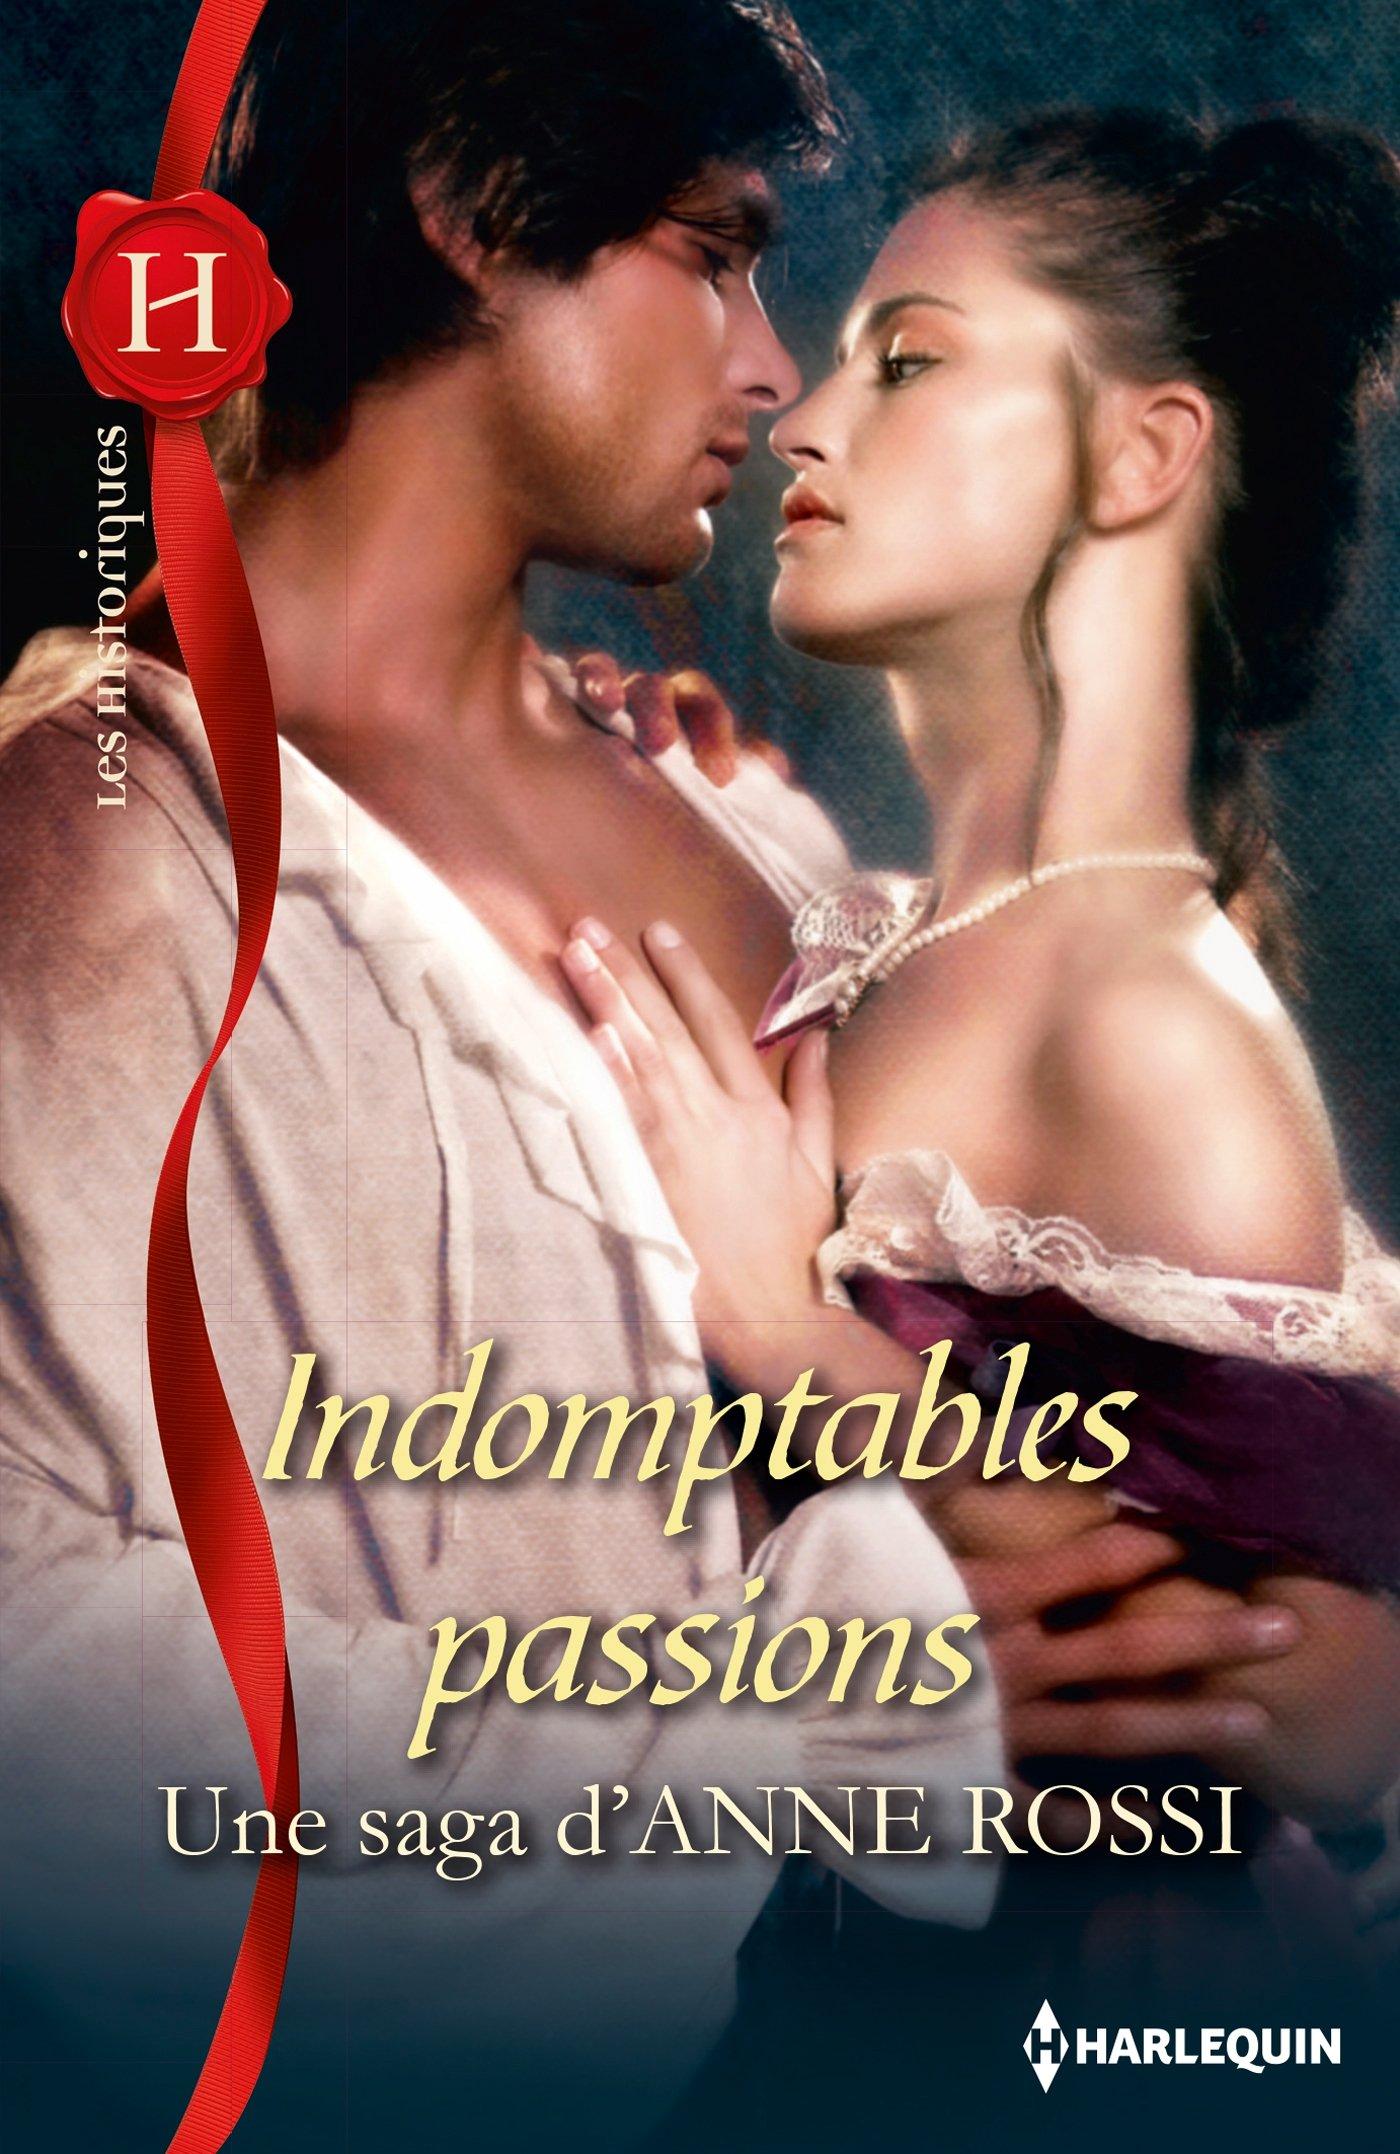 Les Enkoutan, Indomptables passions 815RkAGFObL